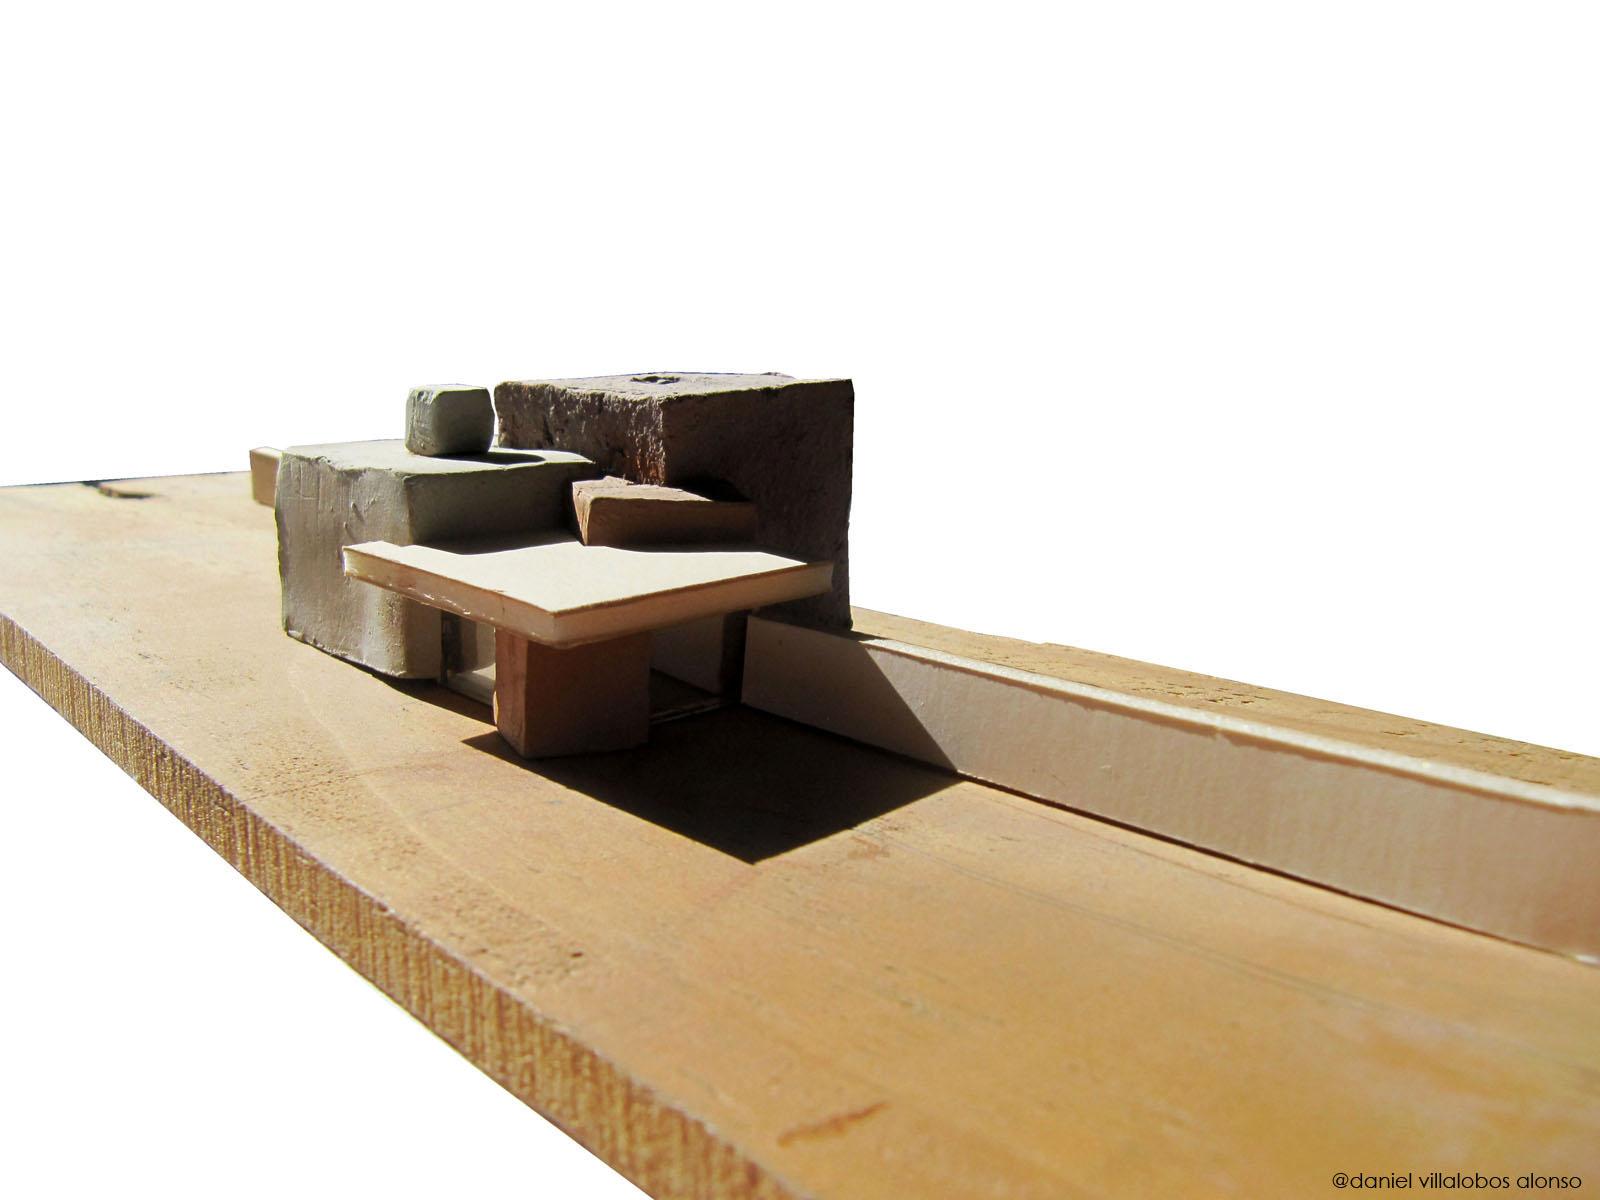 danielvillalobos-spanish-architecturexxthcentury-stonearchitecture-spanisharchitecturemodern-5